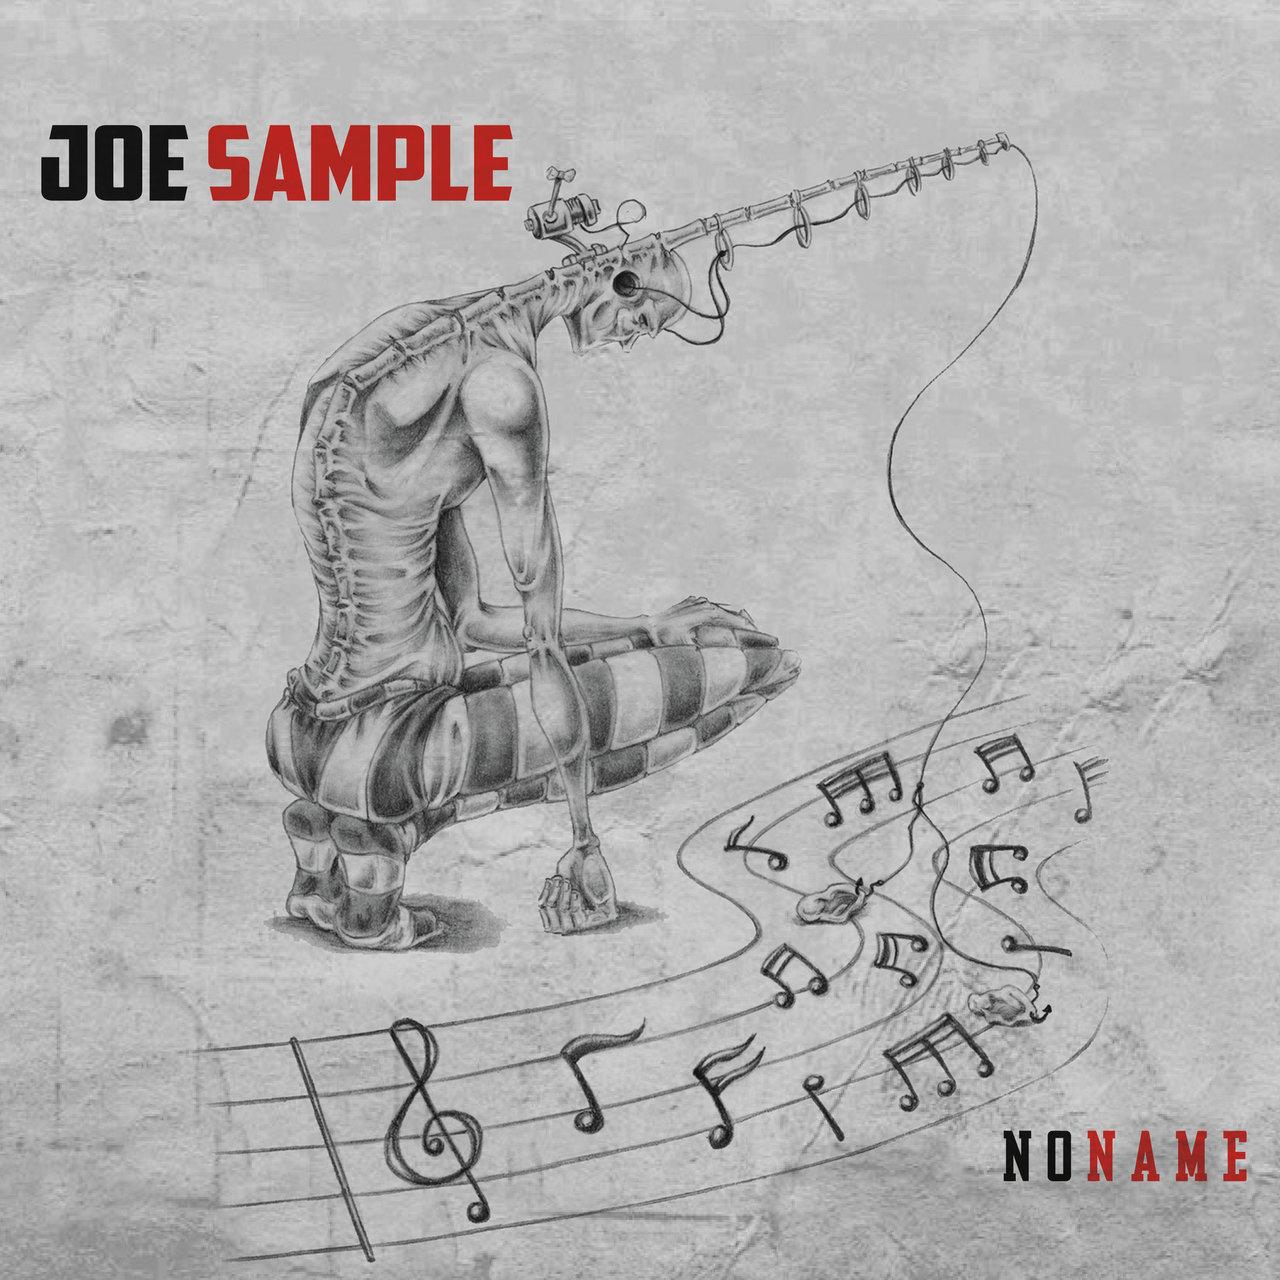 TIDAL: Listen to Joe Sample on TIDAL